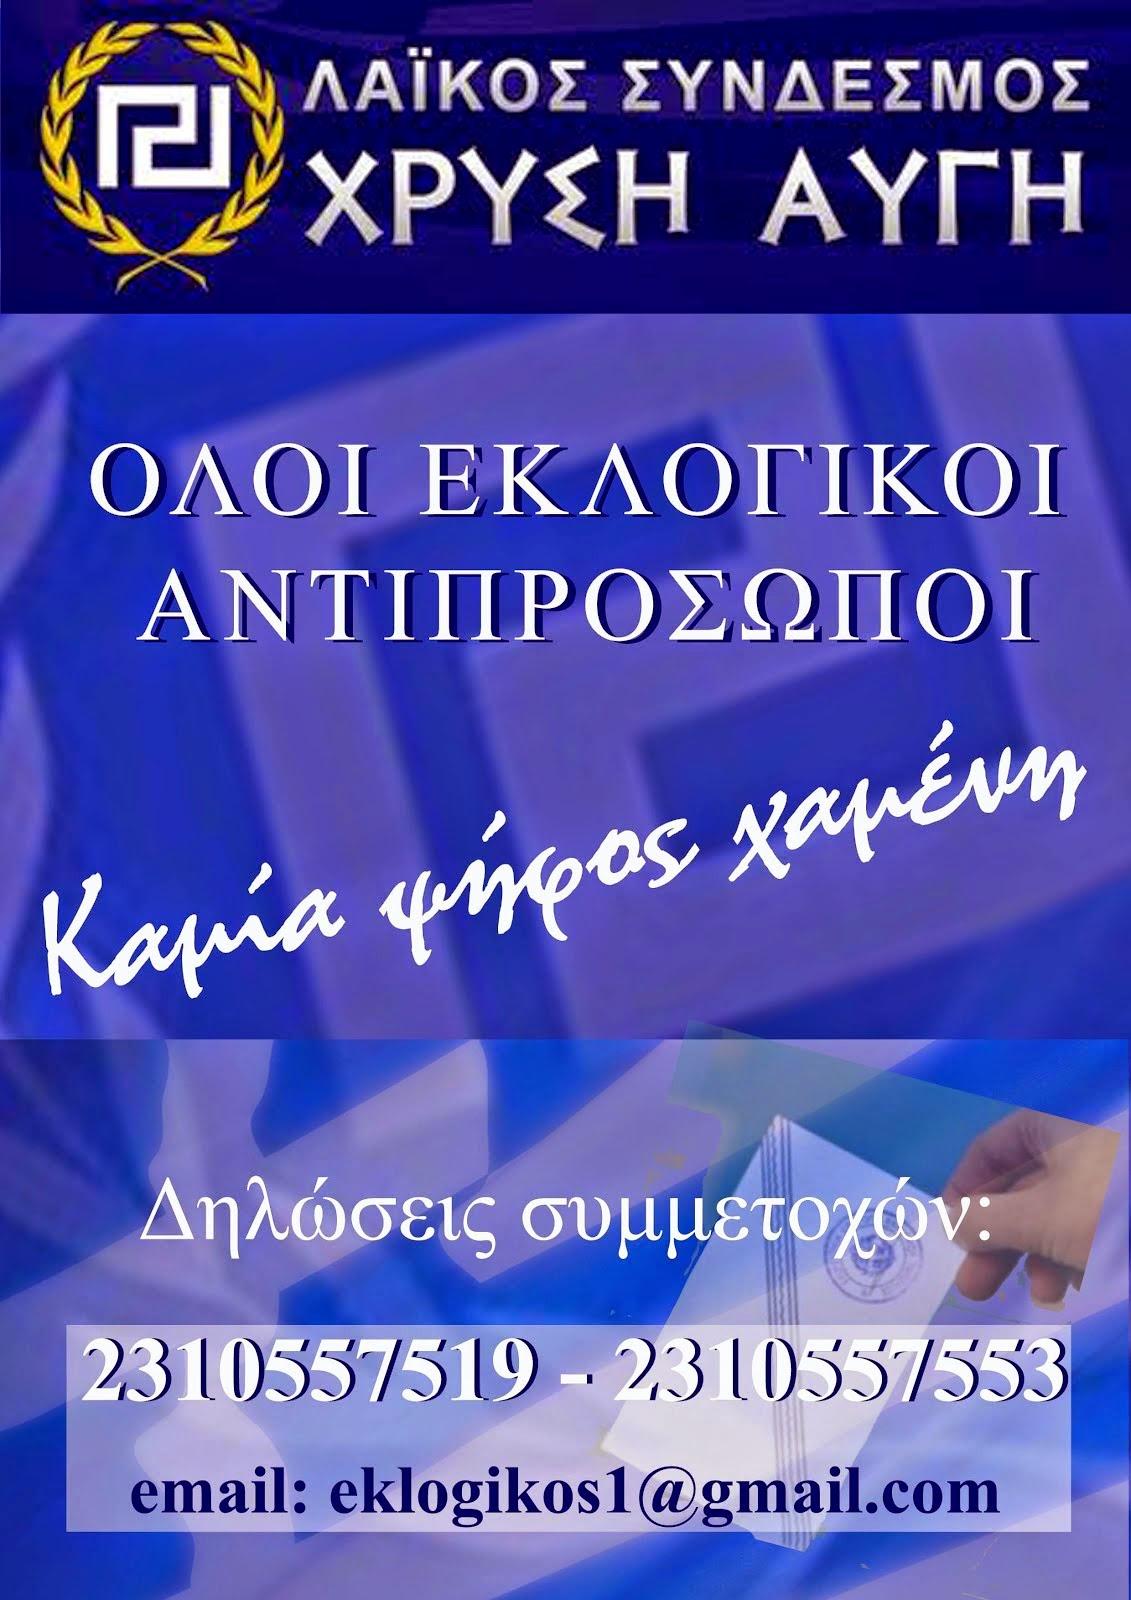 ΕΚΛΟΓΙΚΟΙ ΑΝΤΙΠΡΟΣΩΠΟΙ